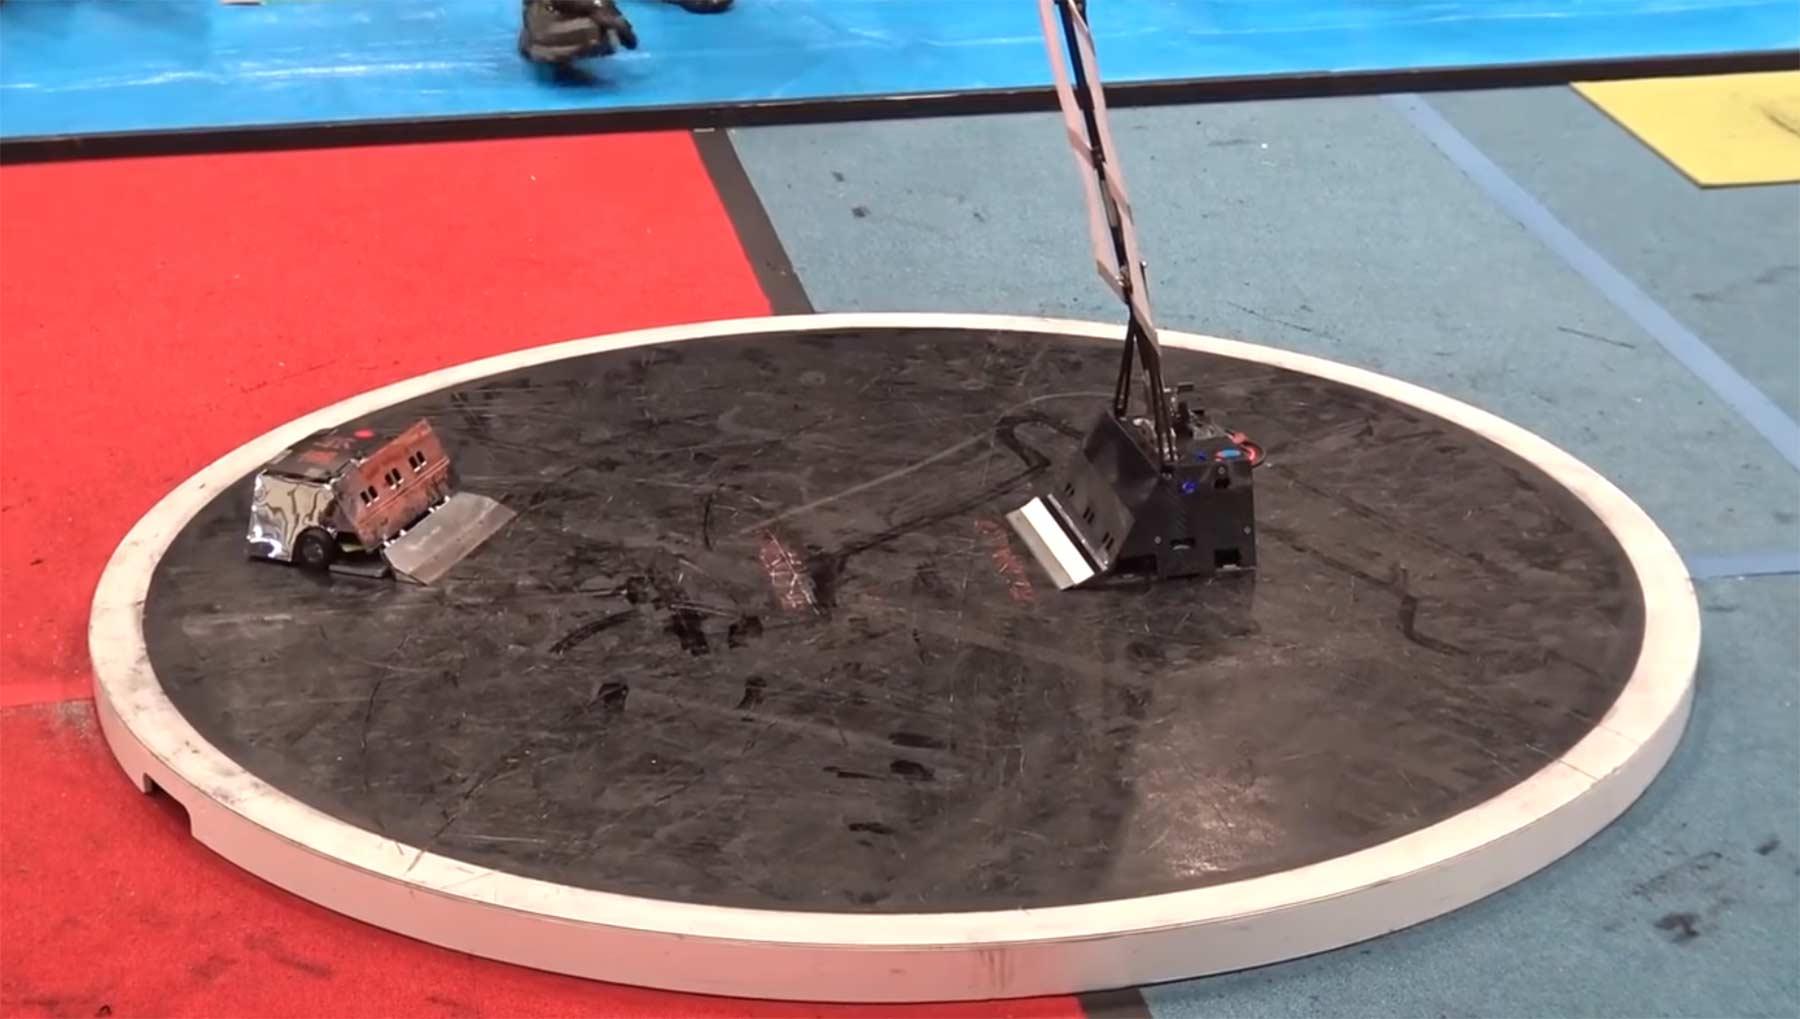 Japanische Sumo-Roboter